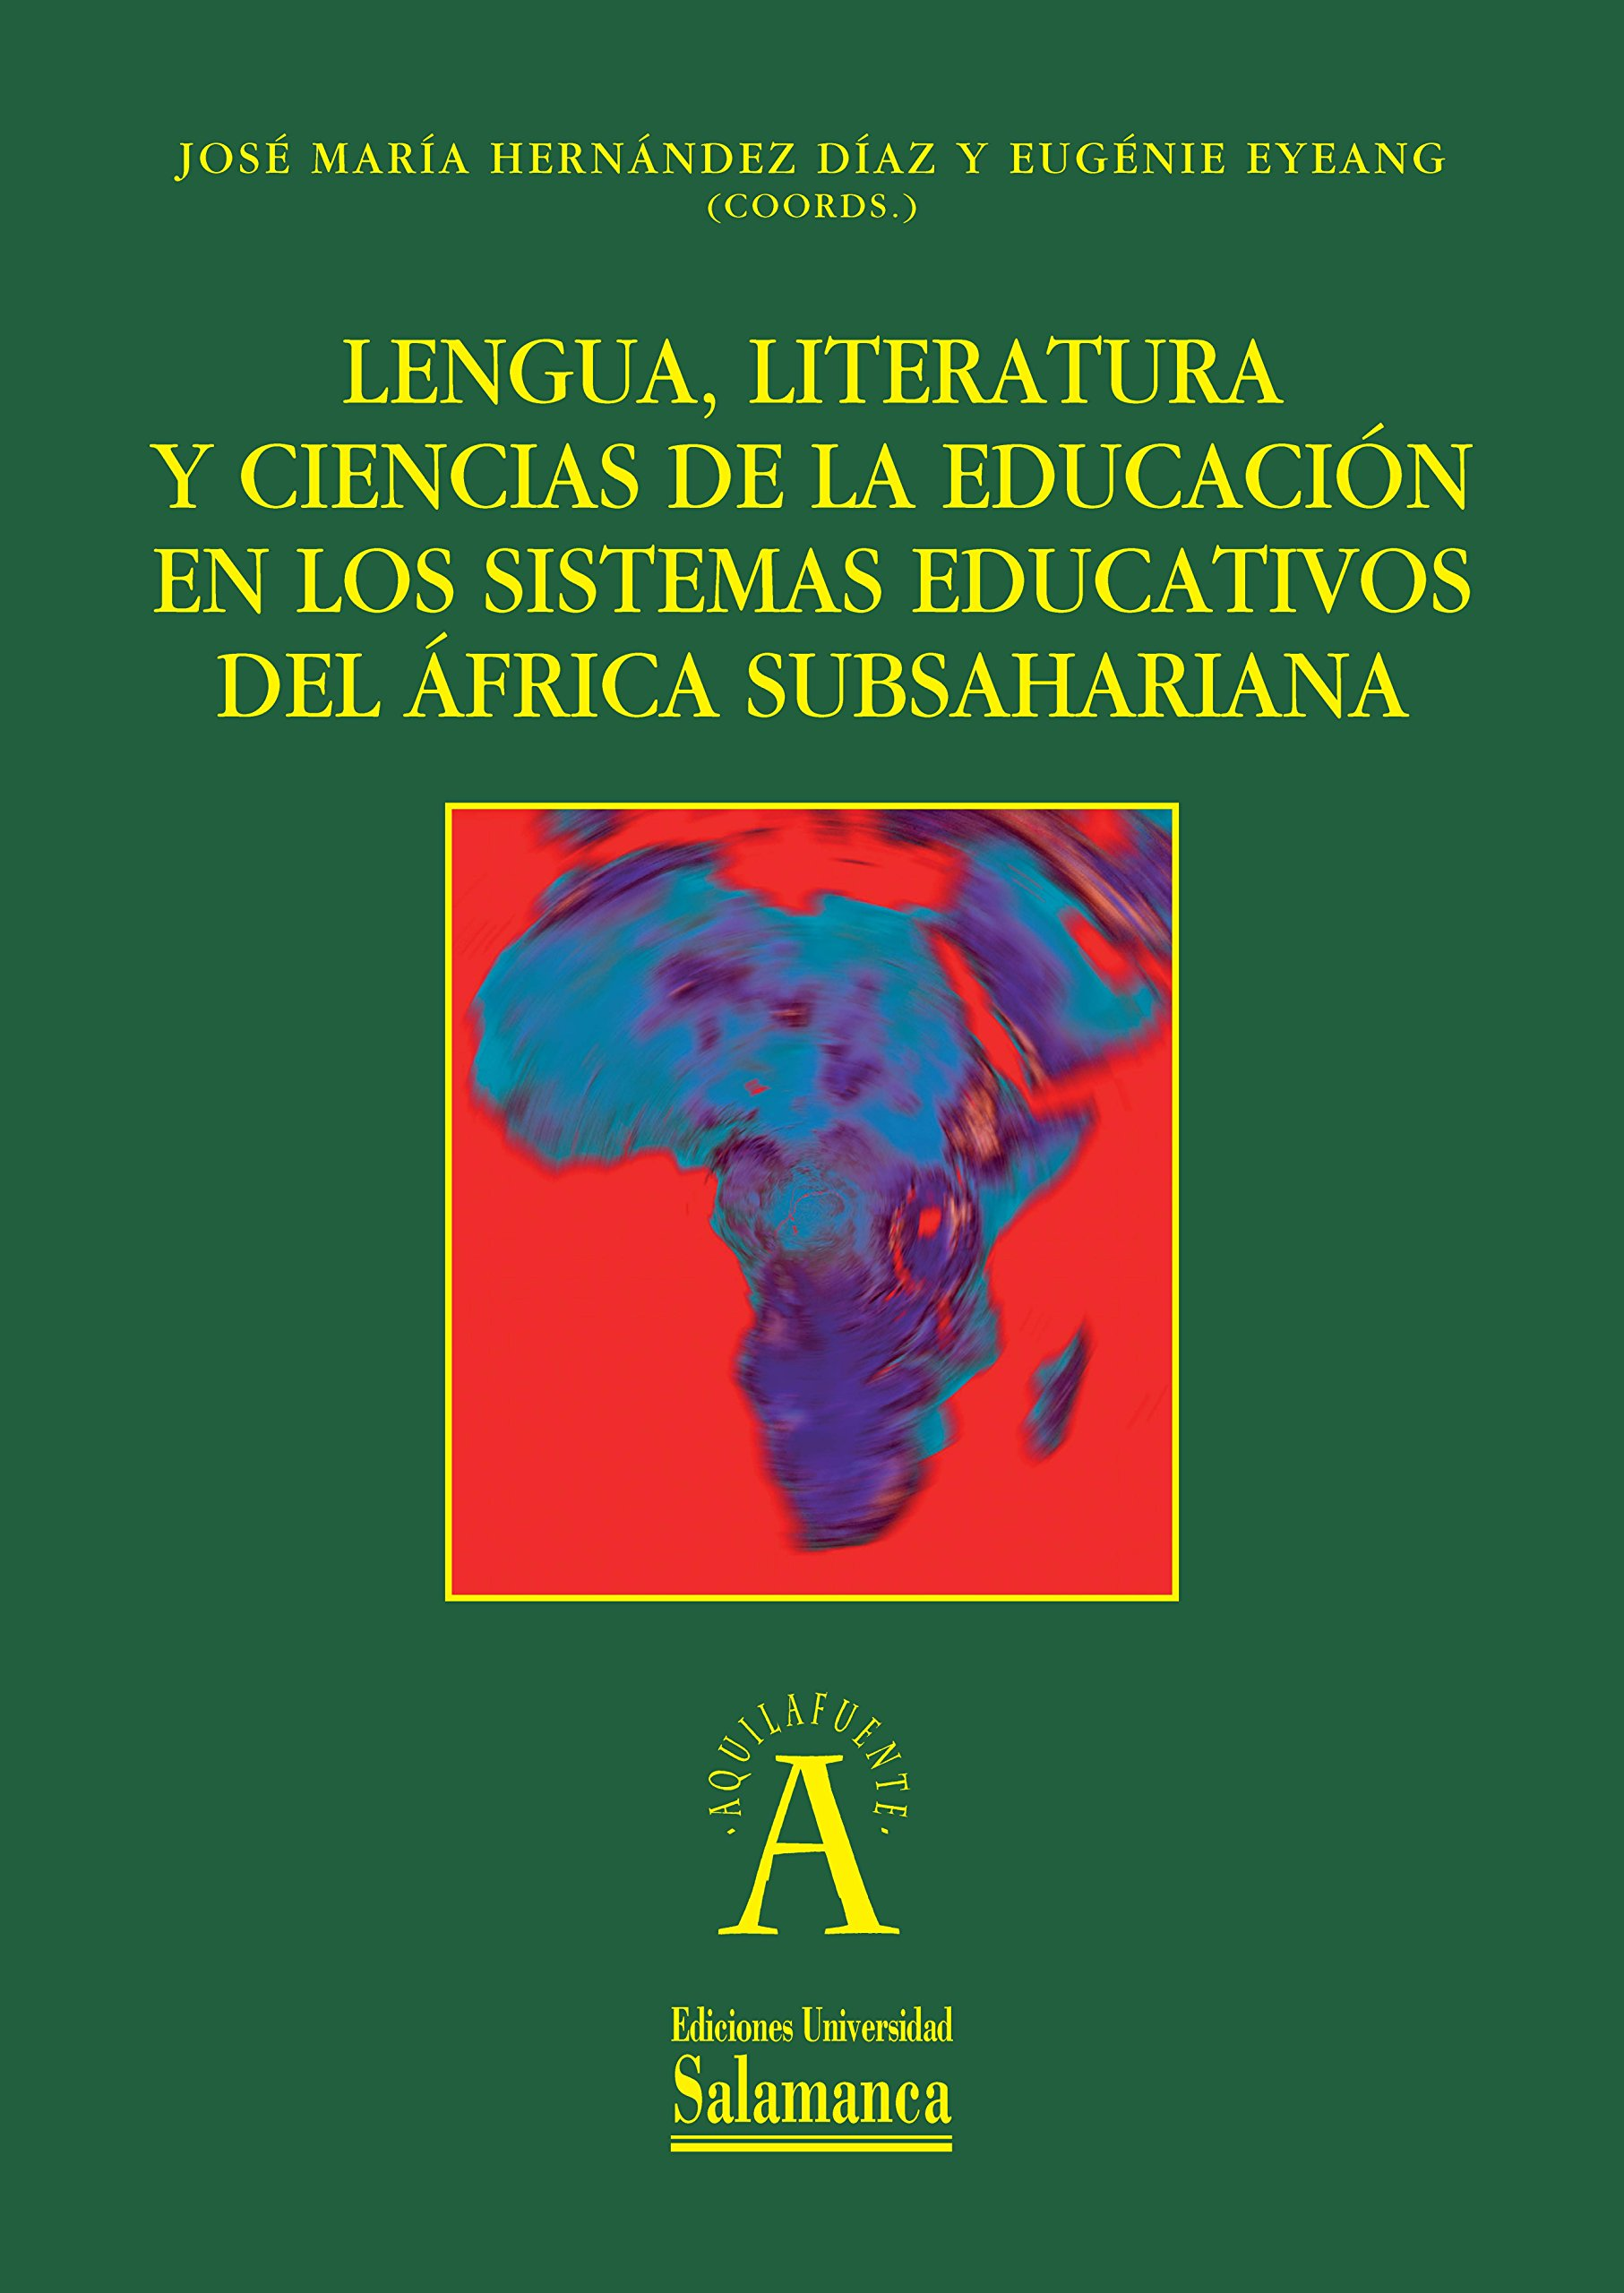 Lengua, literatura y ciencias de la educación en los sistemas educativos del África subsahariana Aquilafuente: Amazon.es: HERNÁNDEZ DÍAZ, José María, EYEANG, Eugénie: Libros